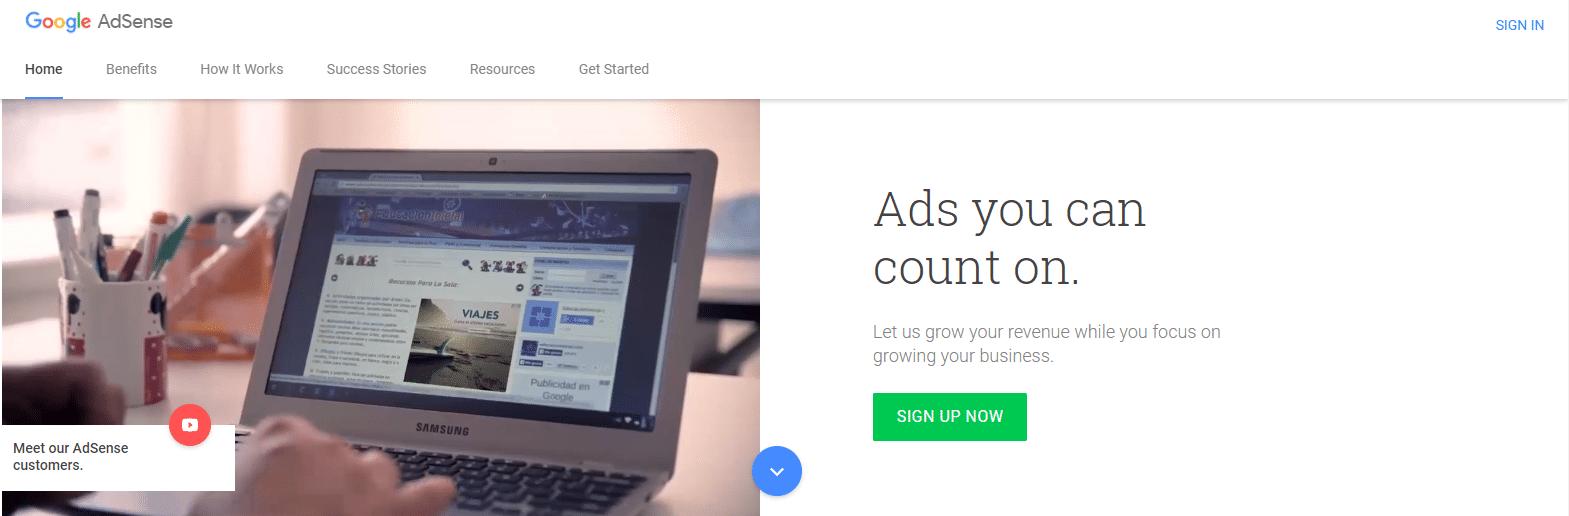 ак заработать на google adsense